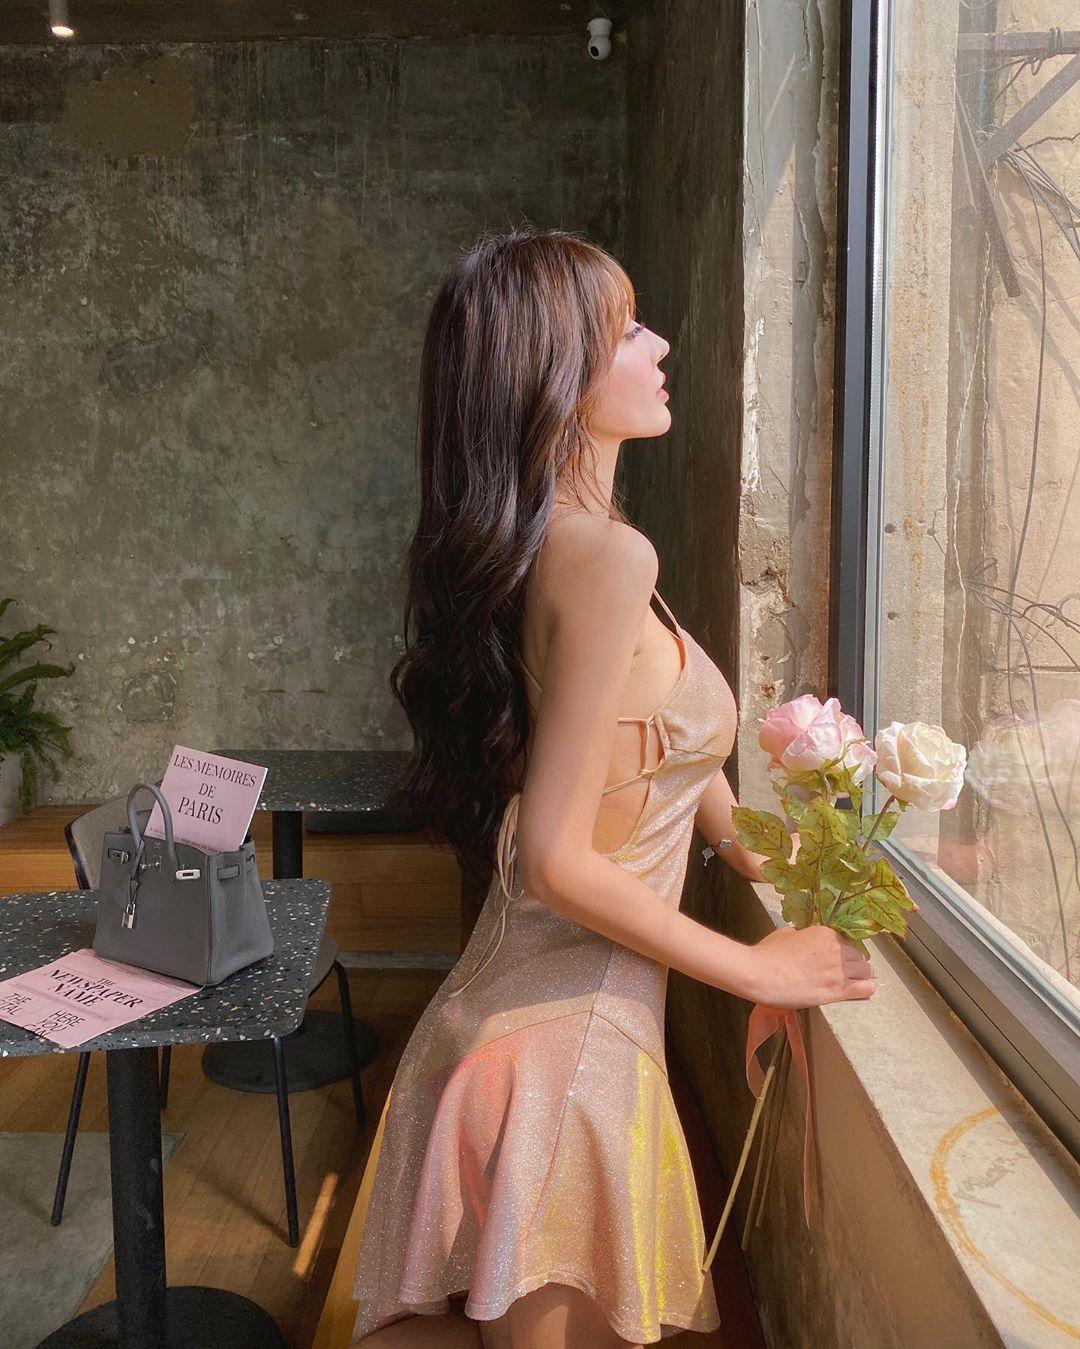 """Váy, áo """"toang"""" mạn sườn của chị em châu Á: Người đẹp vẻ mong manh, kẻ hở phô phản cảm - 1"""